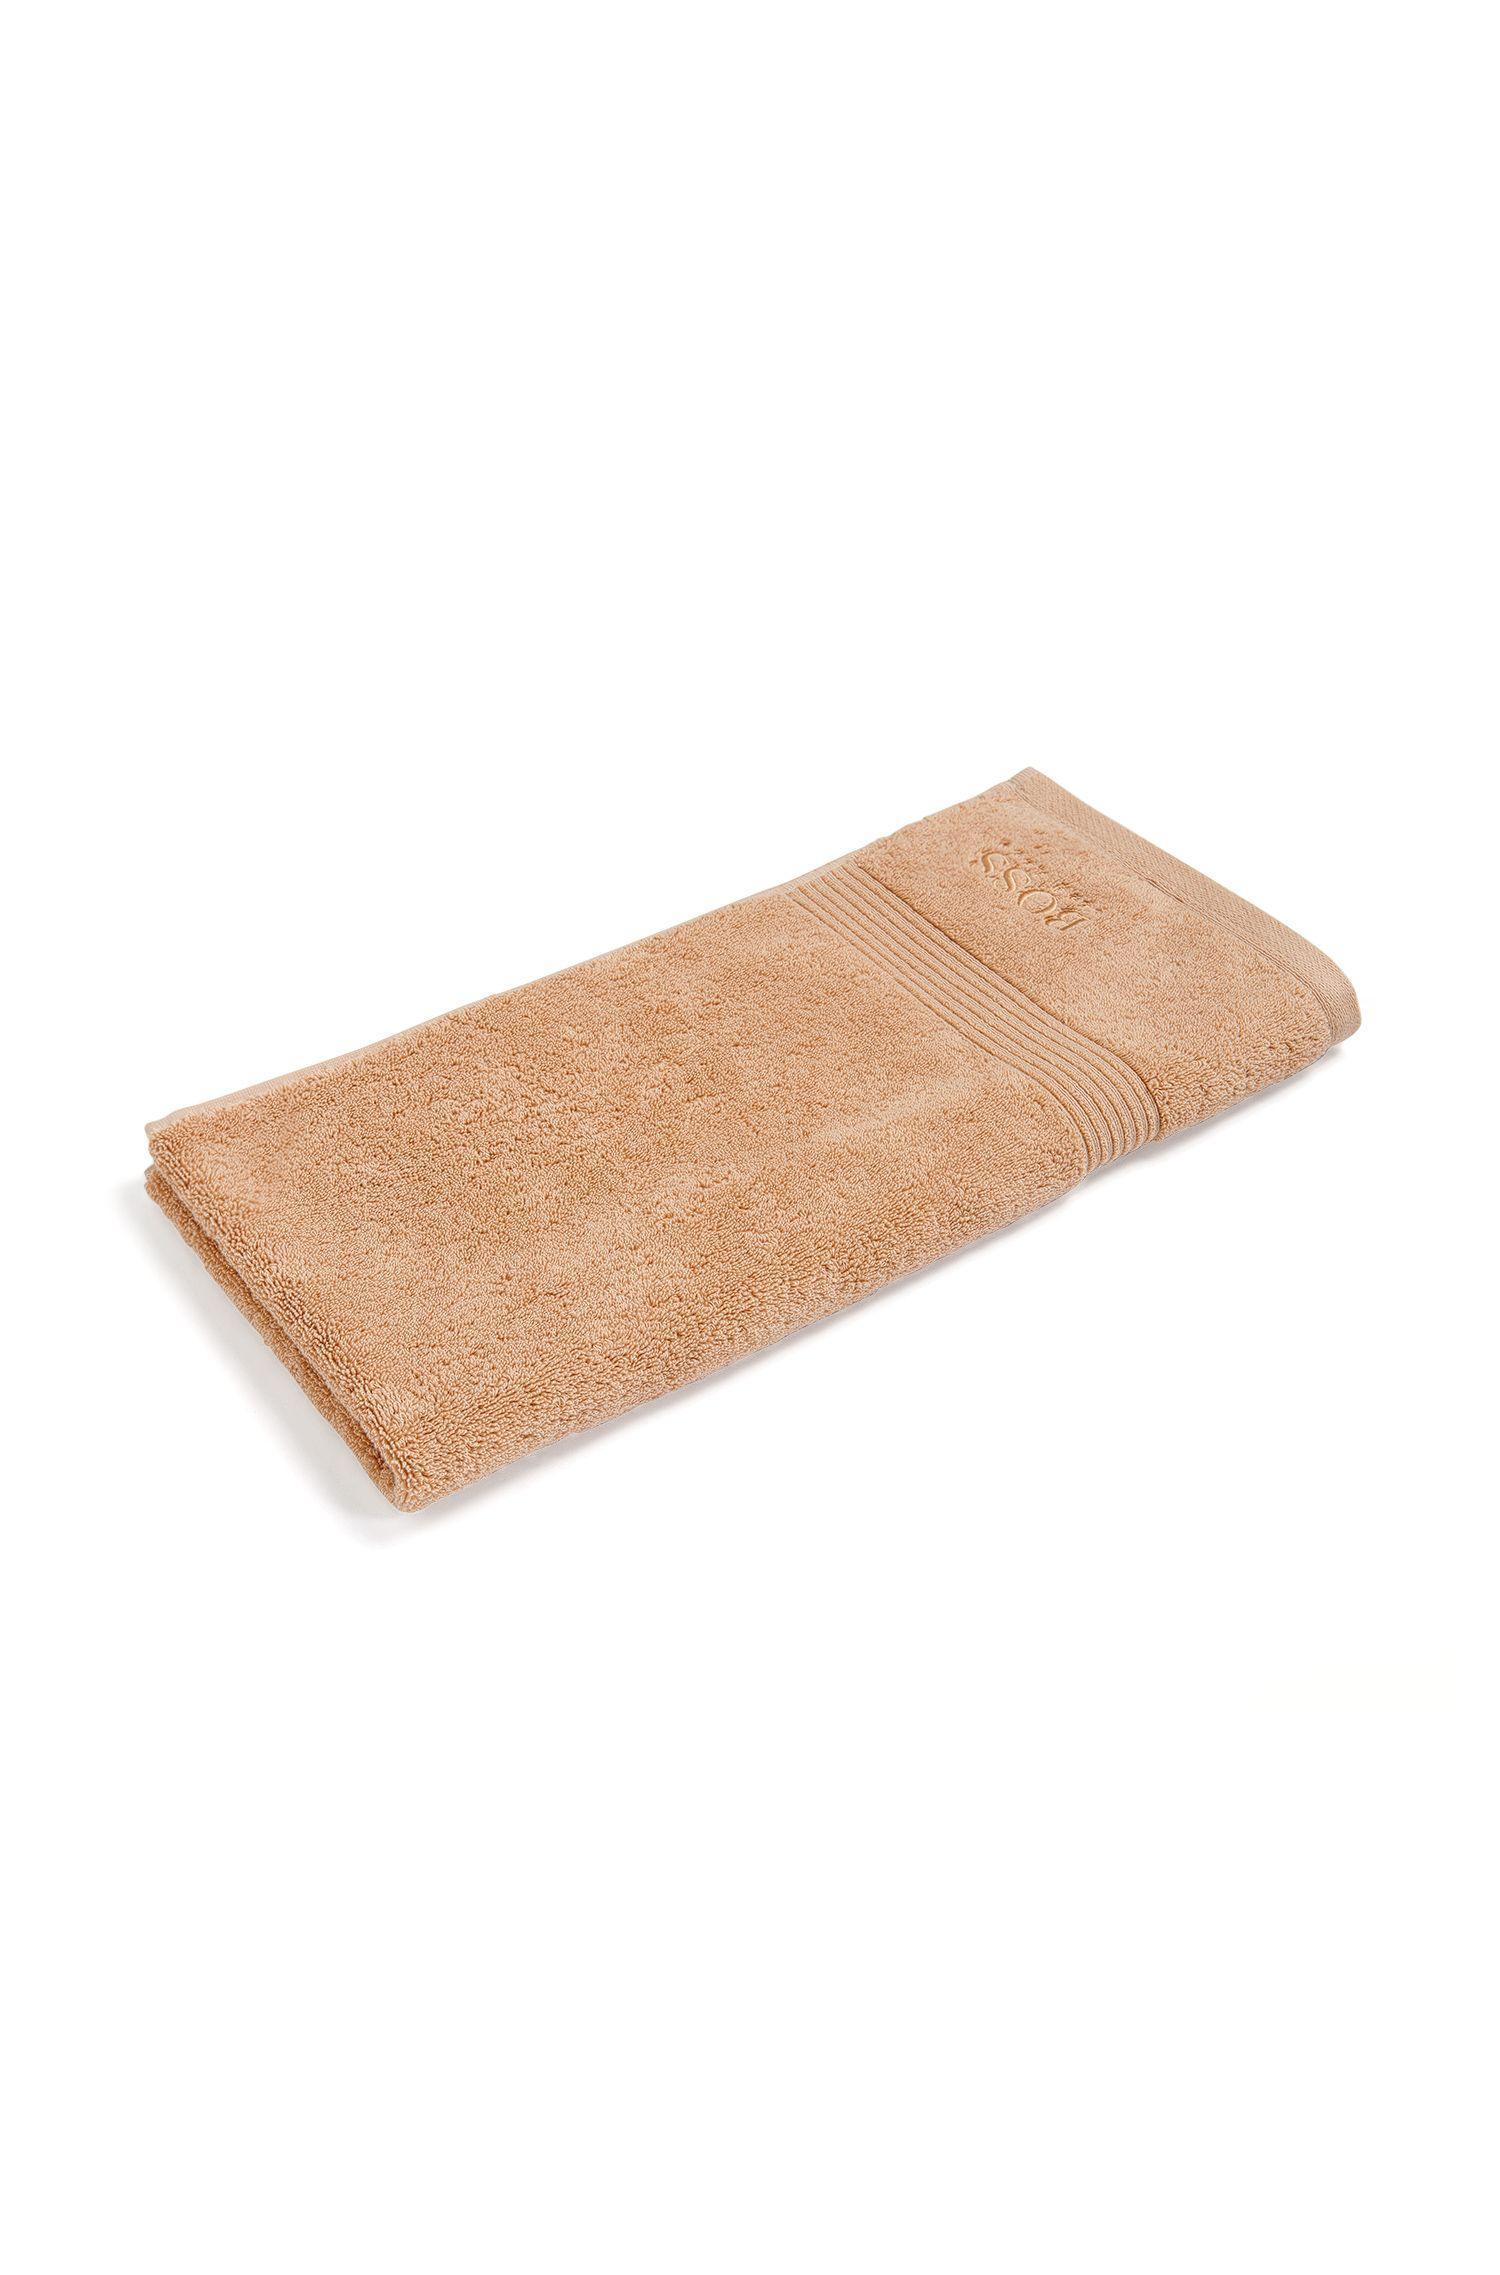 Asciugamano 'Loft Serviette toile', cotone-spugna